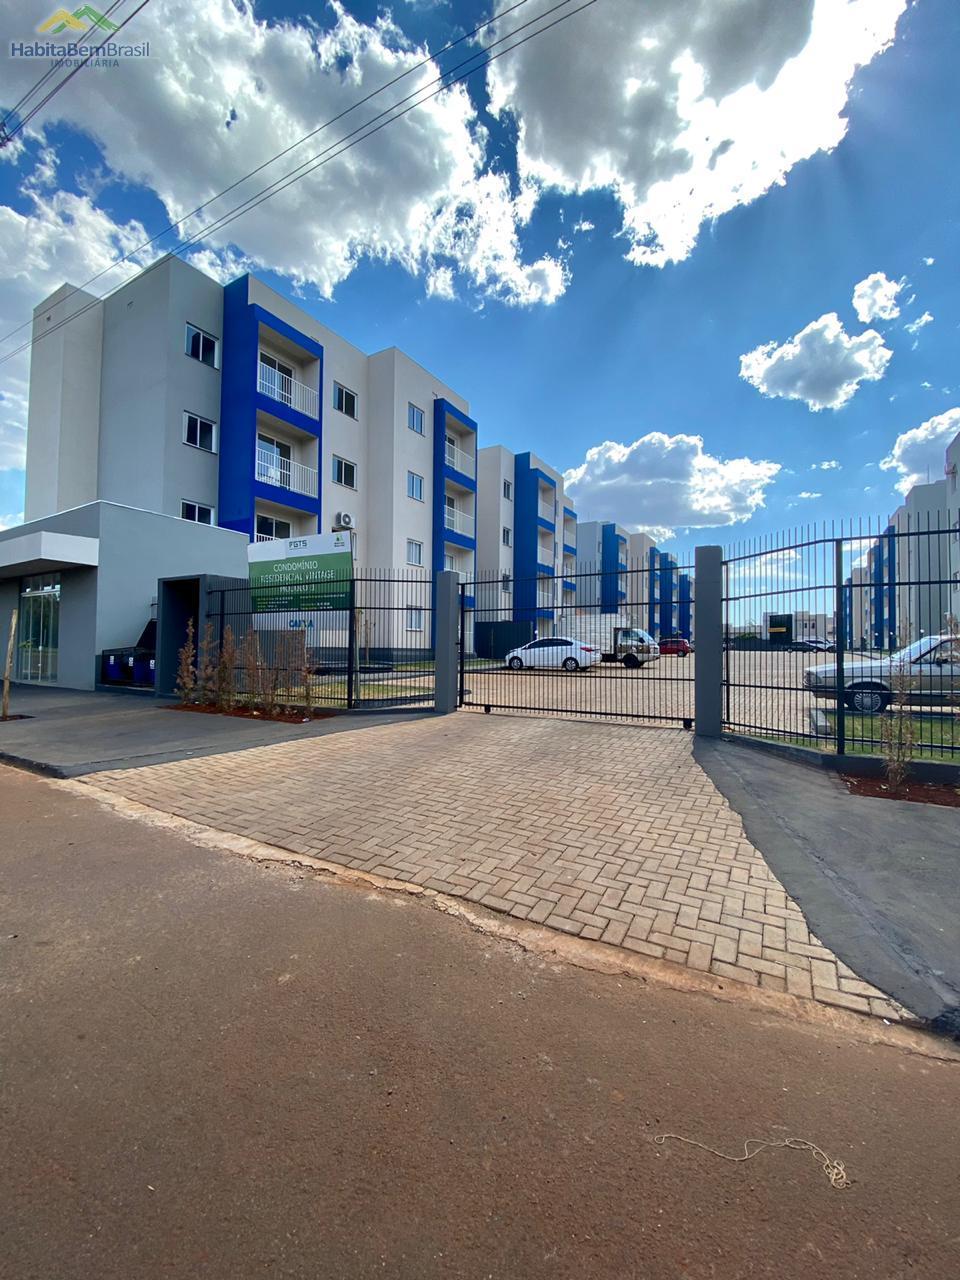 Apartamento com 2 dormitórios à venda,85.00m², JARDIM GISELA, TOLEDO - PR